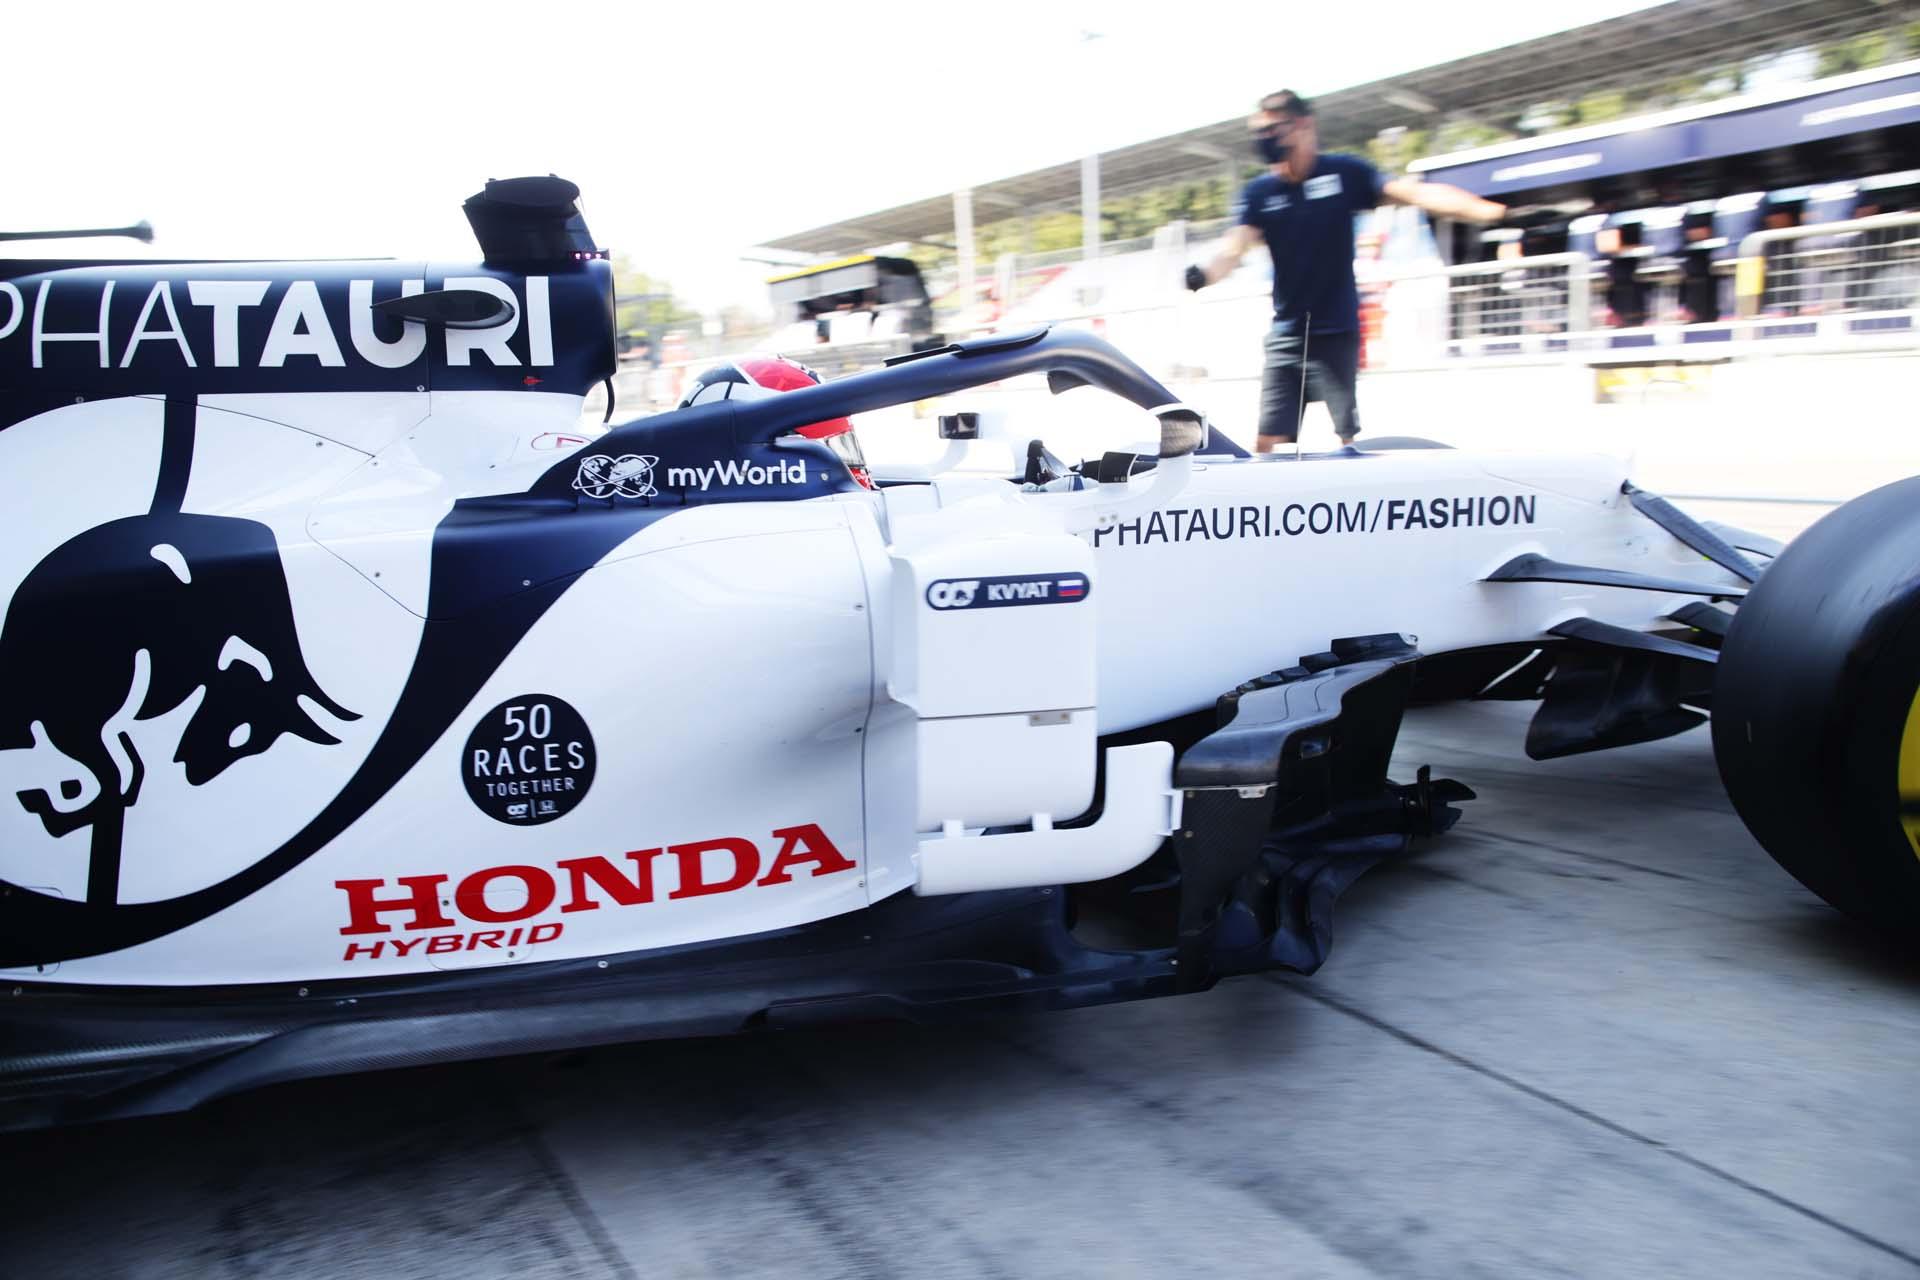 F1 Grand Prix of Italy - Practice